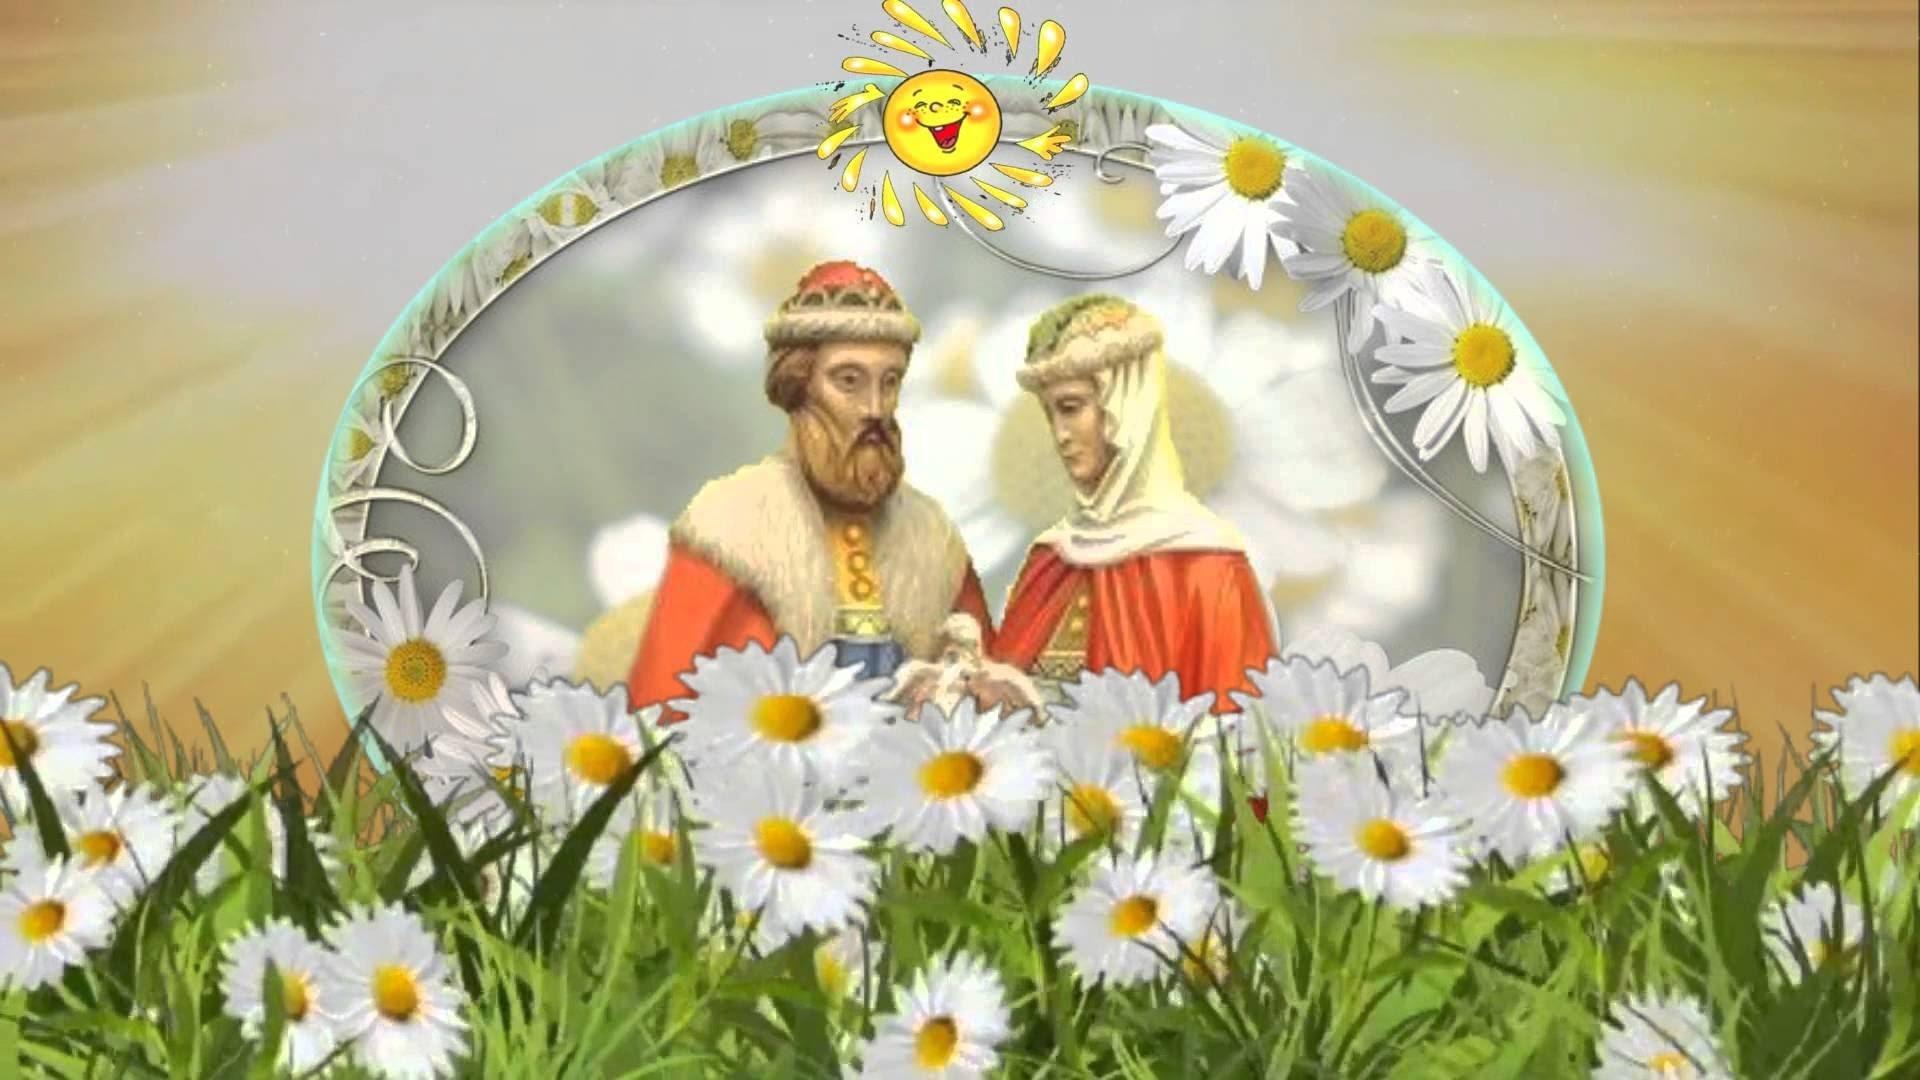 День любви семьи и верности картинки красивые